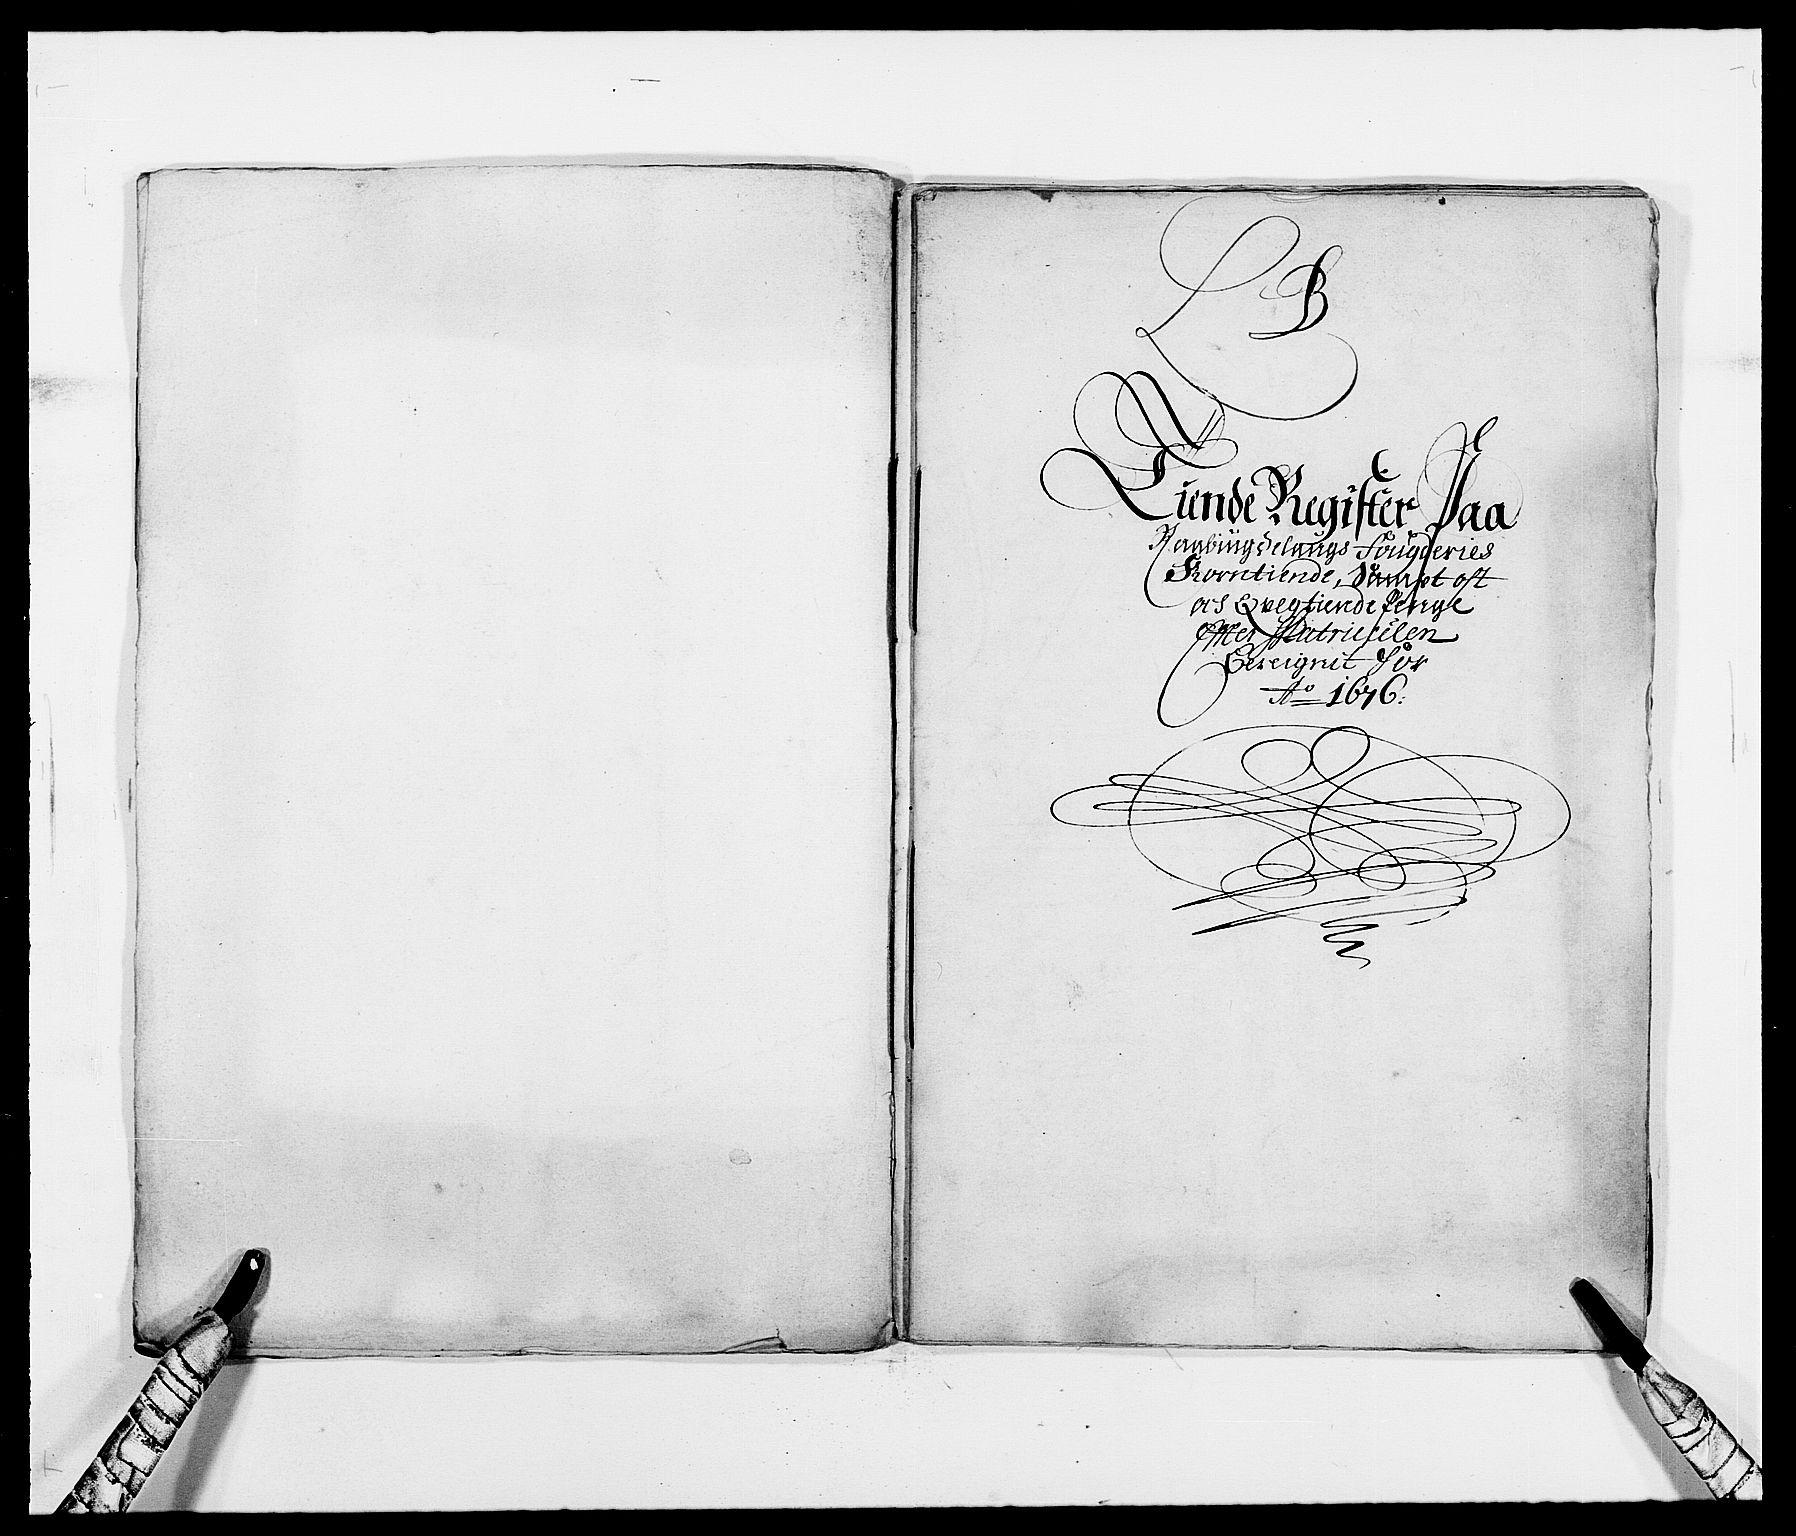 RA, Rentekammeret inntil 1814, Reviderte regnskaper, Fogderegnskap, R40/L2434: Fogderegnskap Råbyggelag, 1675-1676, s. 274